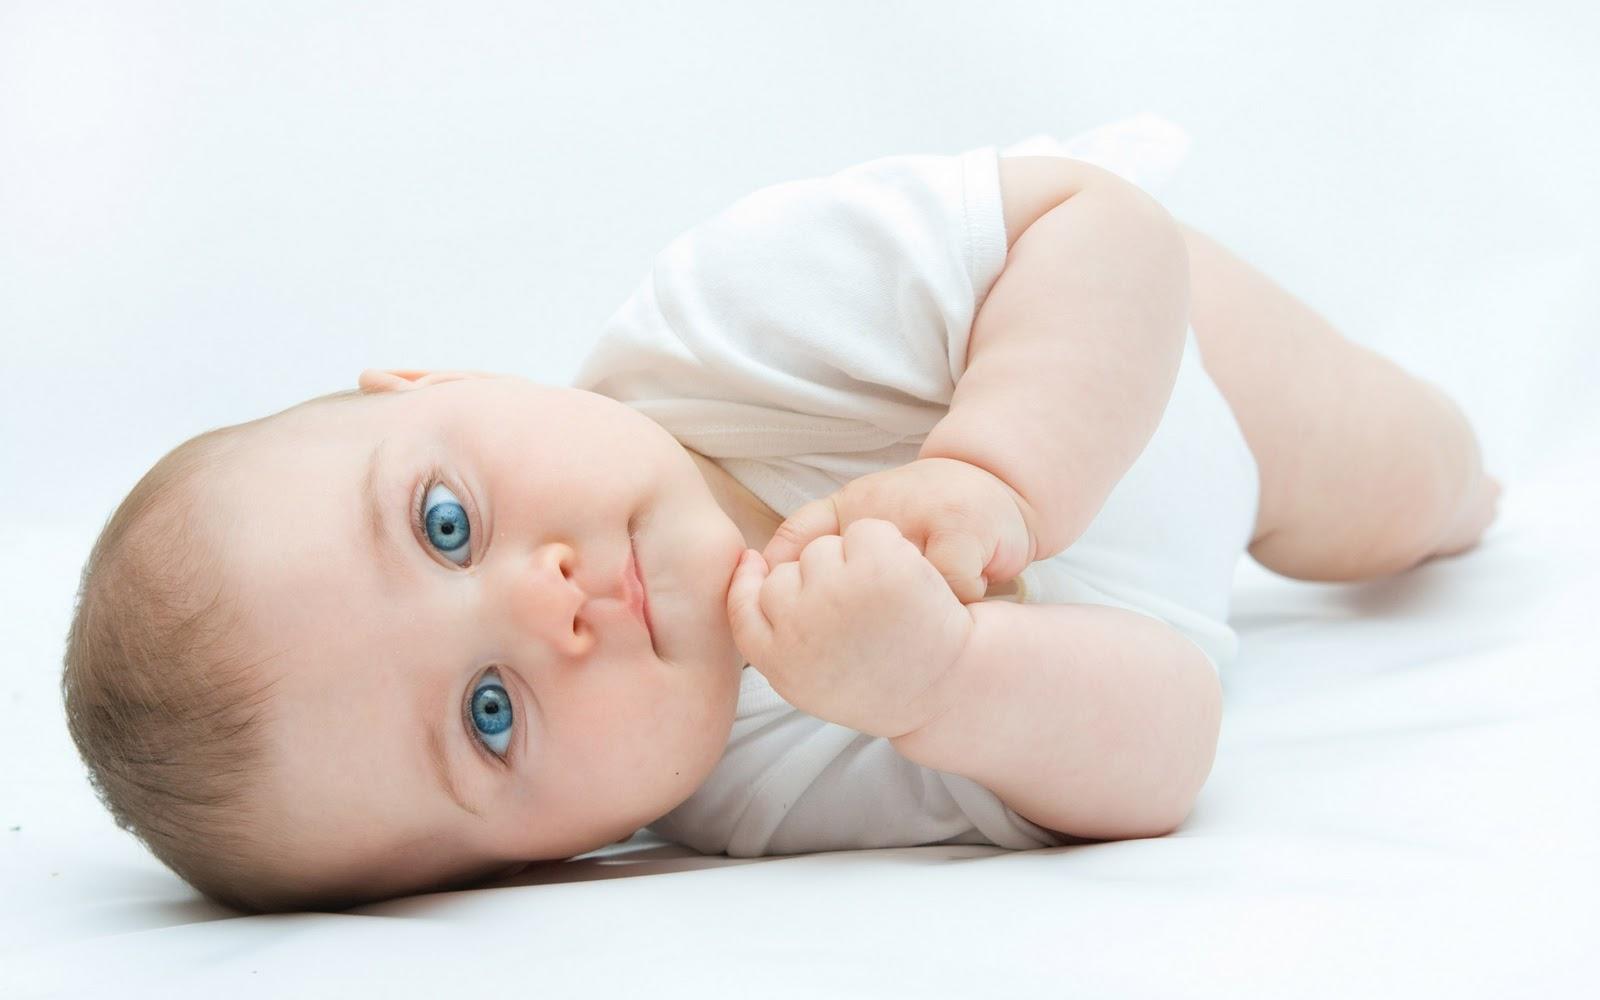 علائم دندان در آوردن نوزادان و راههای تسکین درد